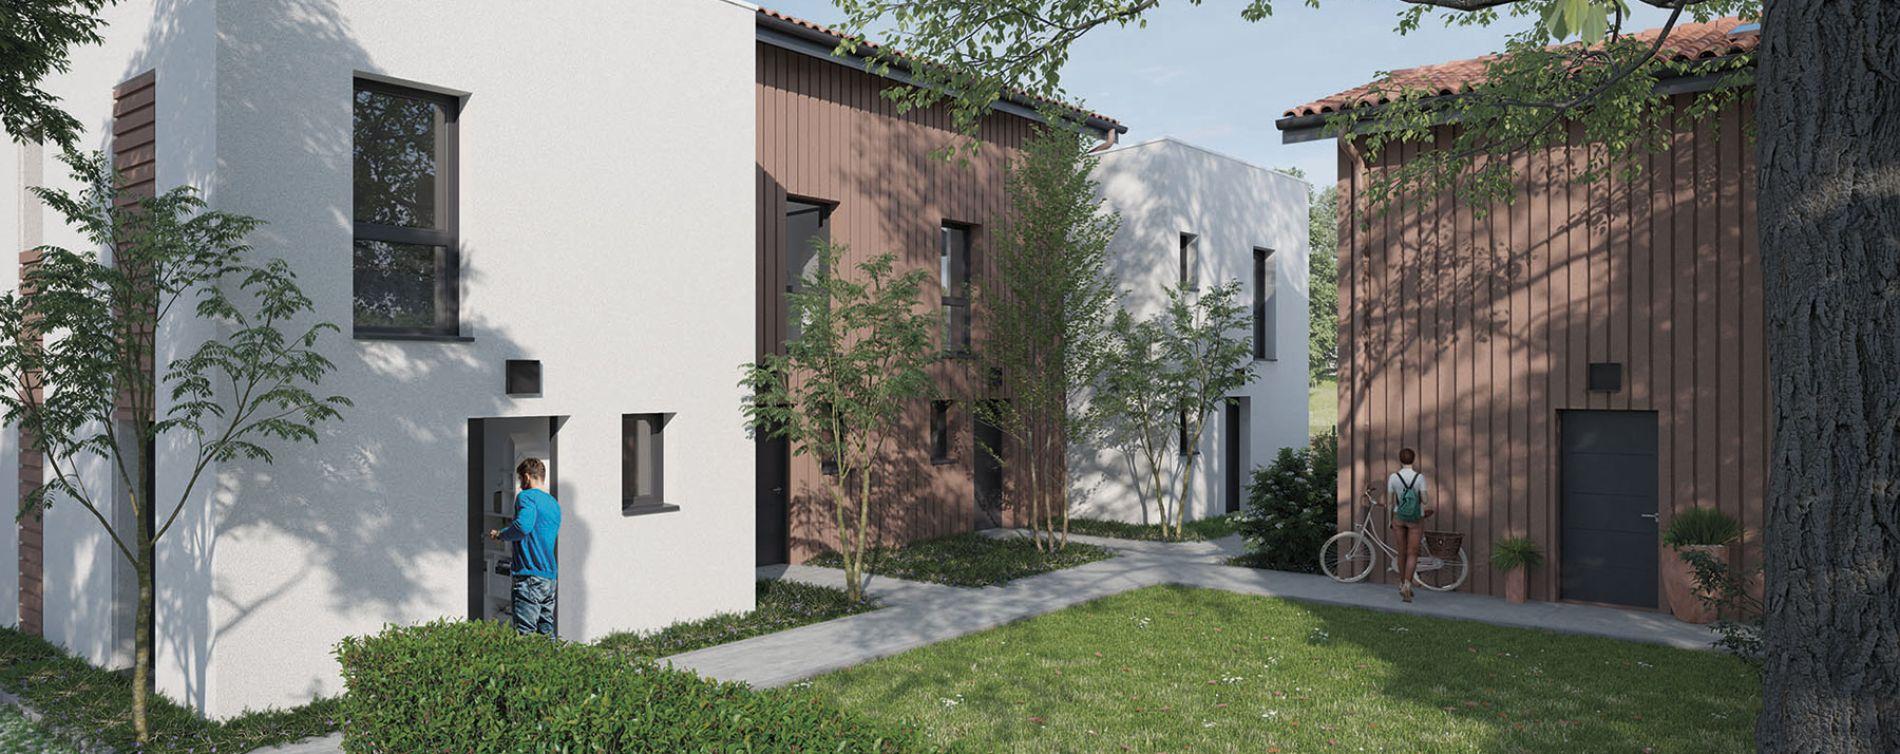 Parempuyre : programme immobilier neuve « Les Villas Pourpres 2 » (2)